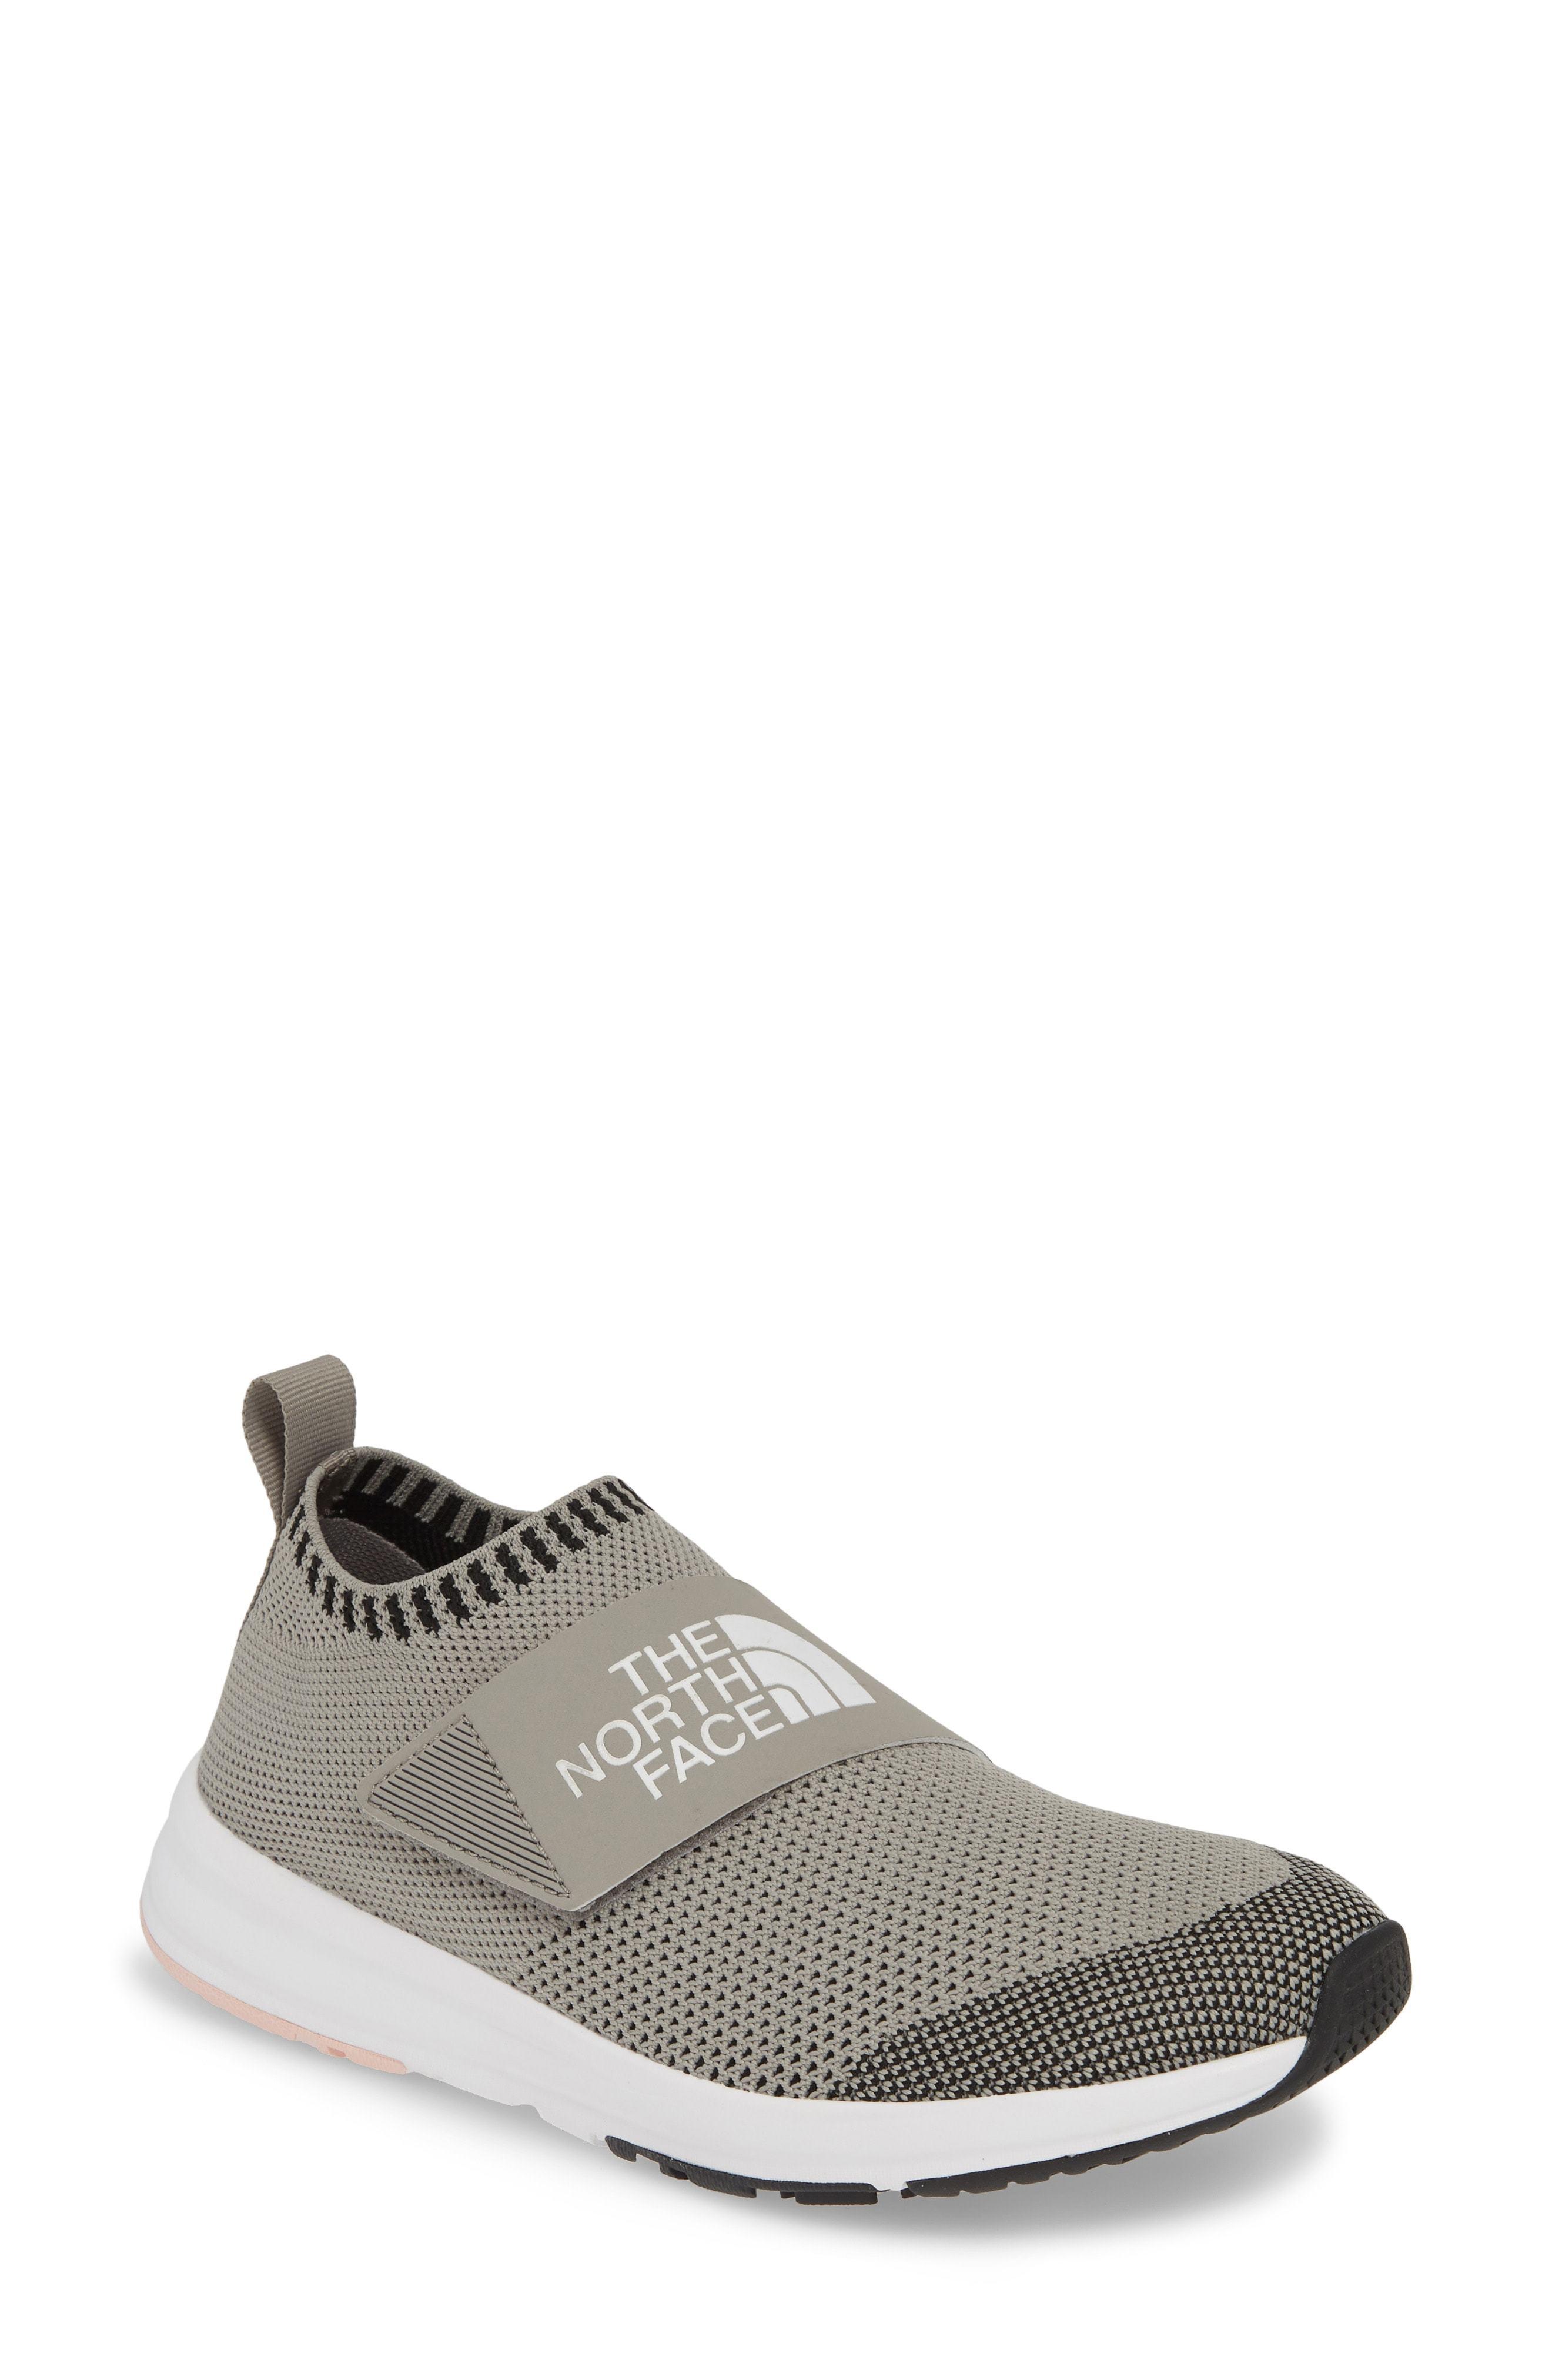 d9f74dc78 Cadman Moc Knit Slip On Sneaker